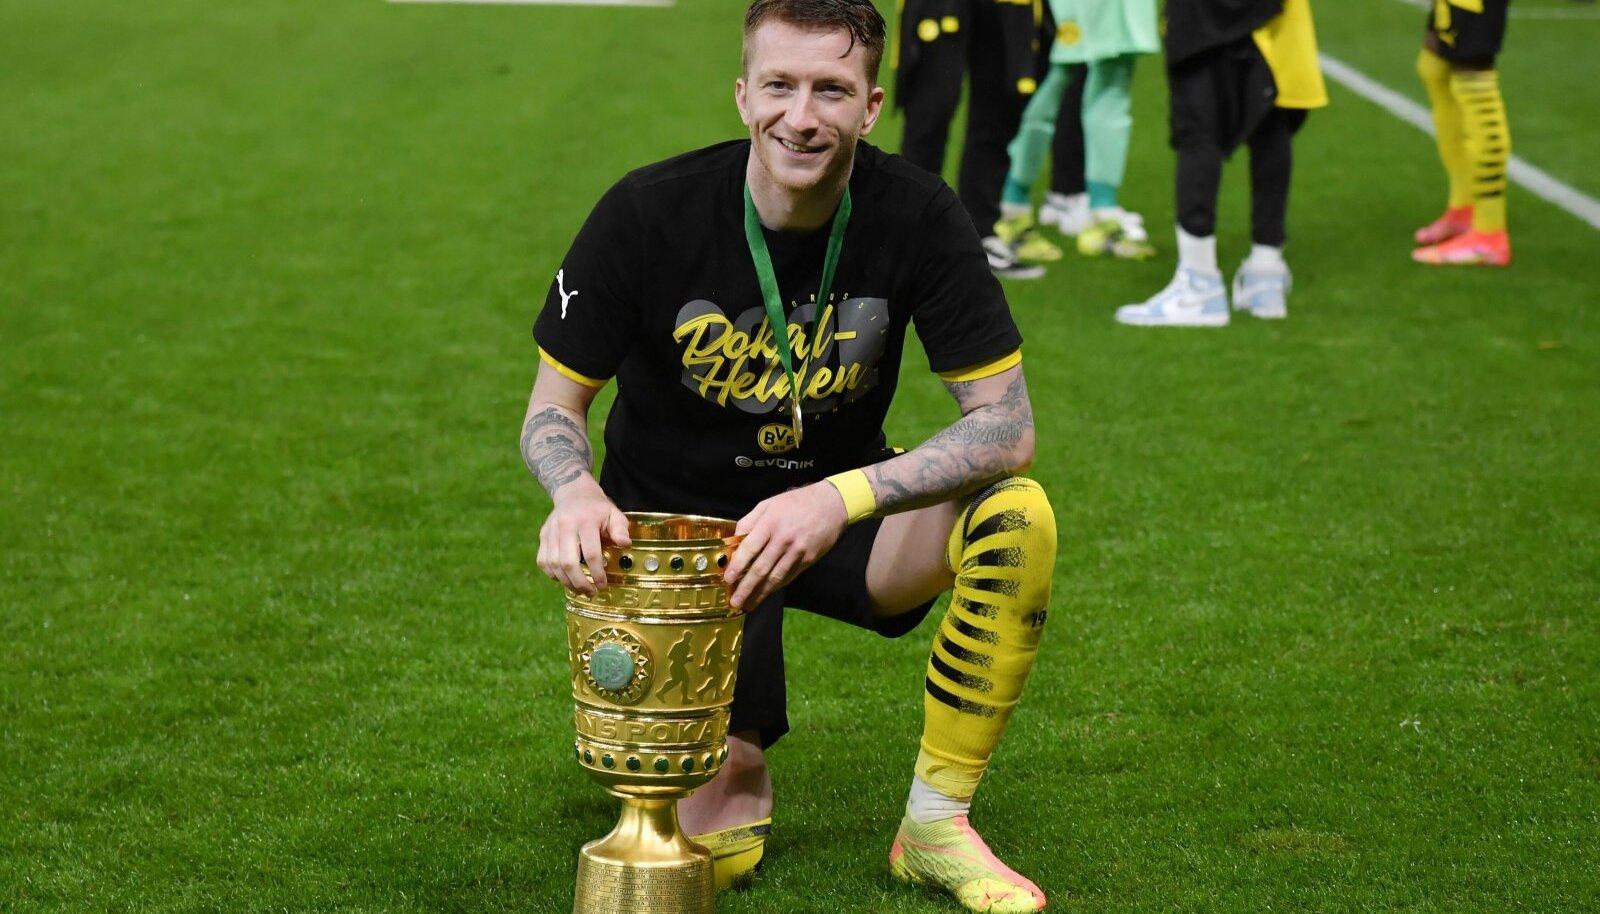 Marco Reus tähistamas Saksamaa karikasarja võitmist.